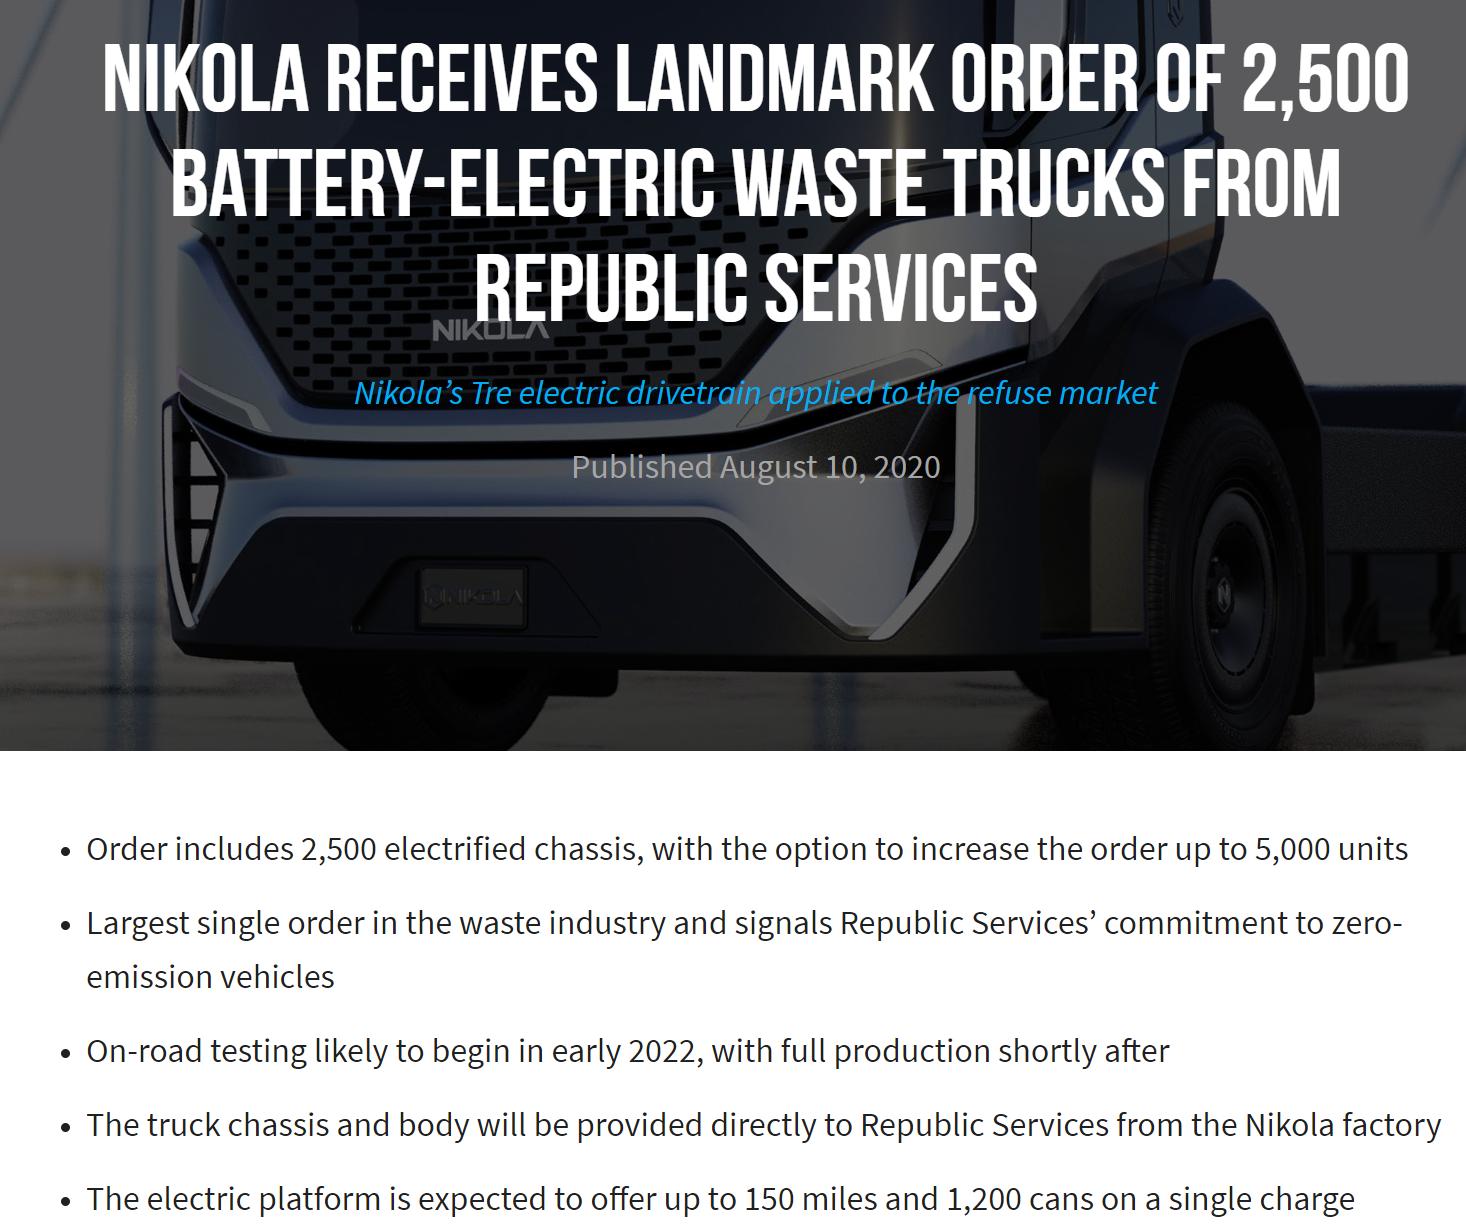 获得2500辆电动垃圾回收车大单 尼古拉汽车周一大涨近20%